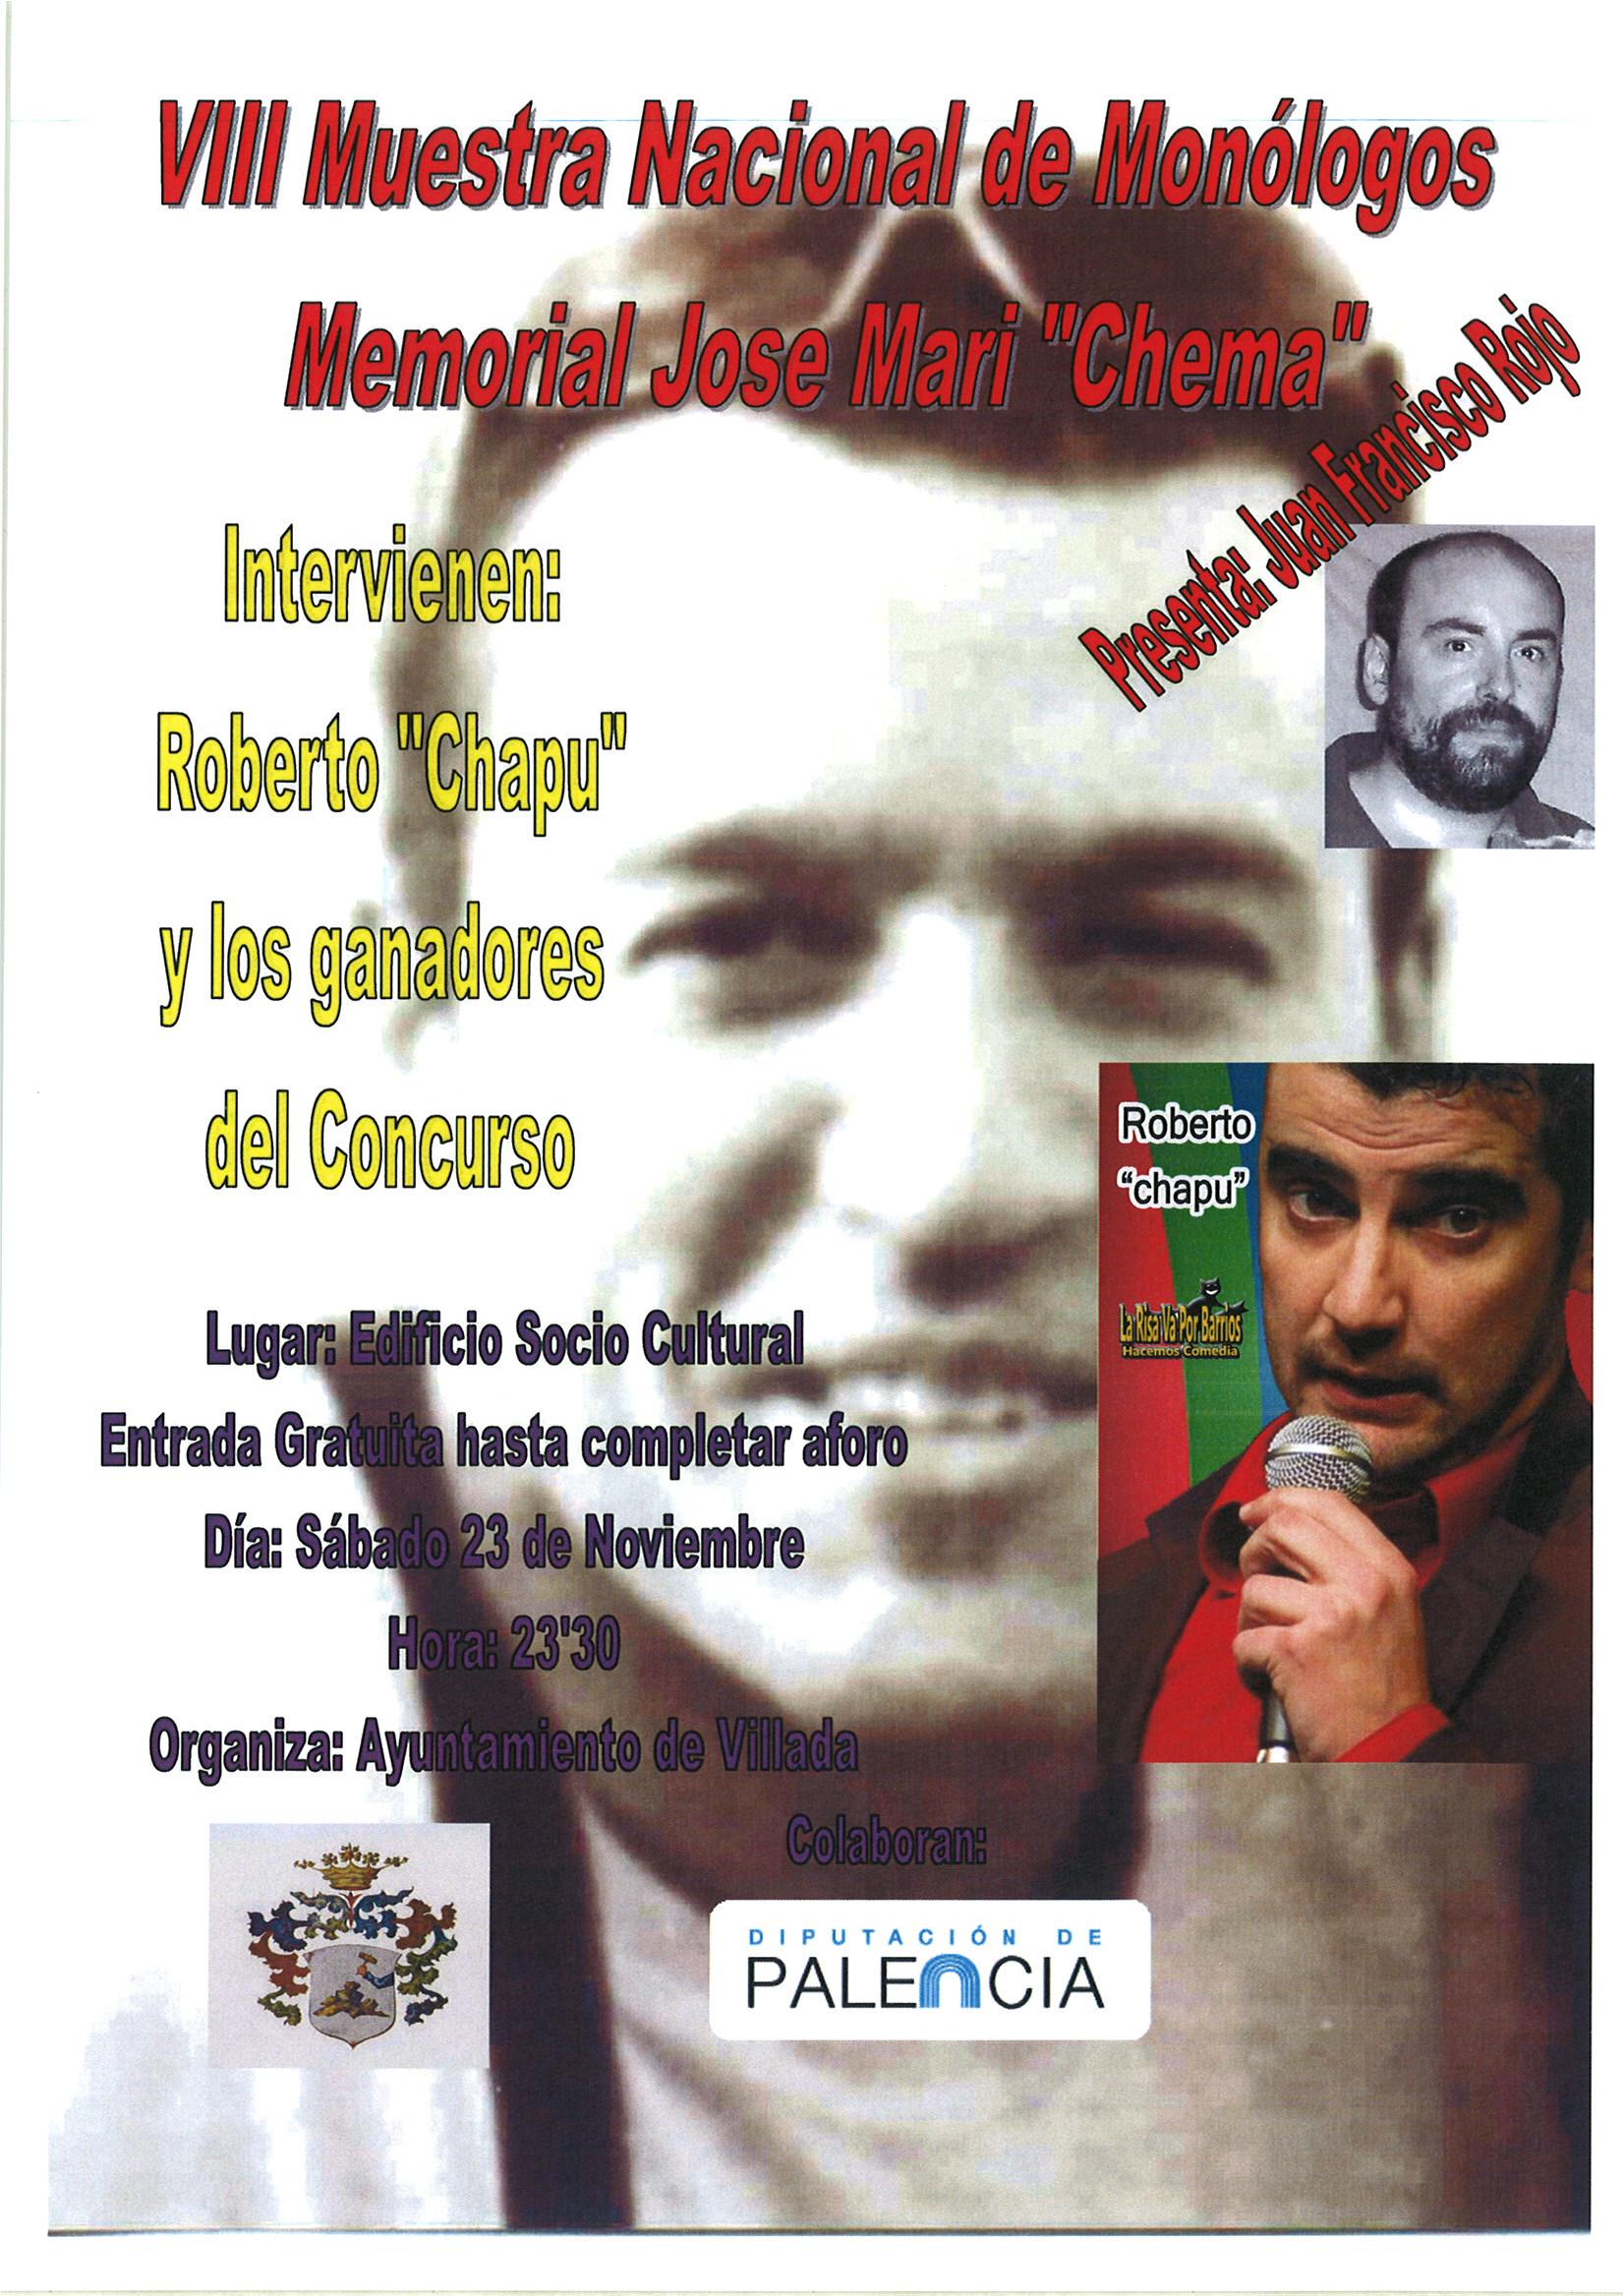 Gala Final VIII Edición Nacional de Monólogos «Memorial Chema»